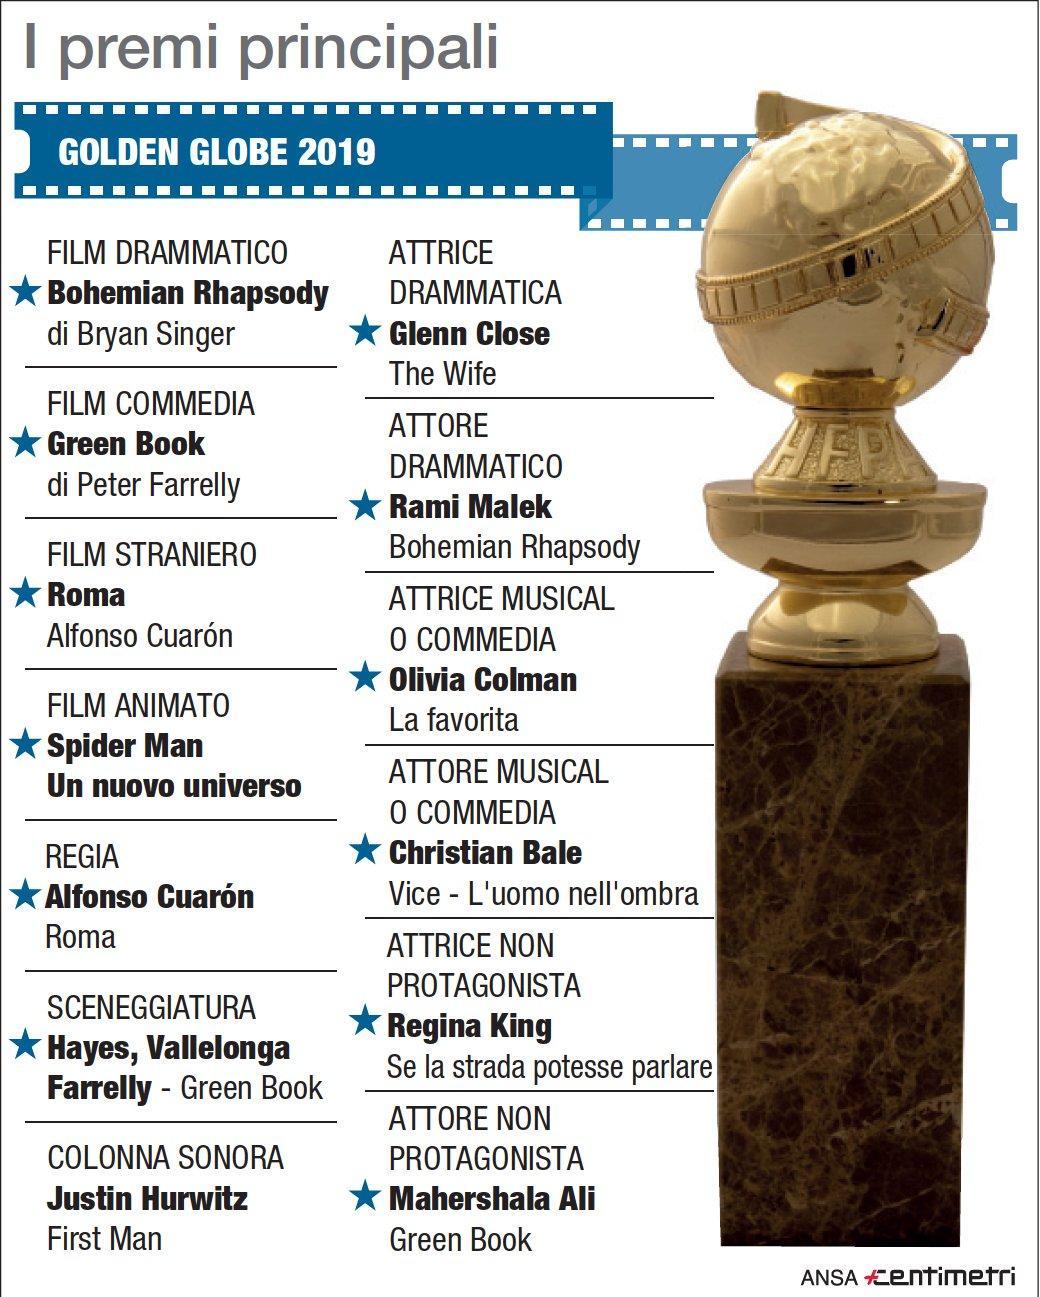 Golden Globe, i premi principali della serata